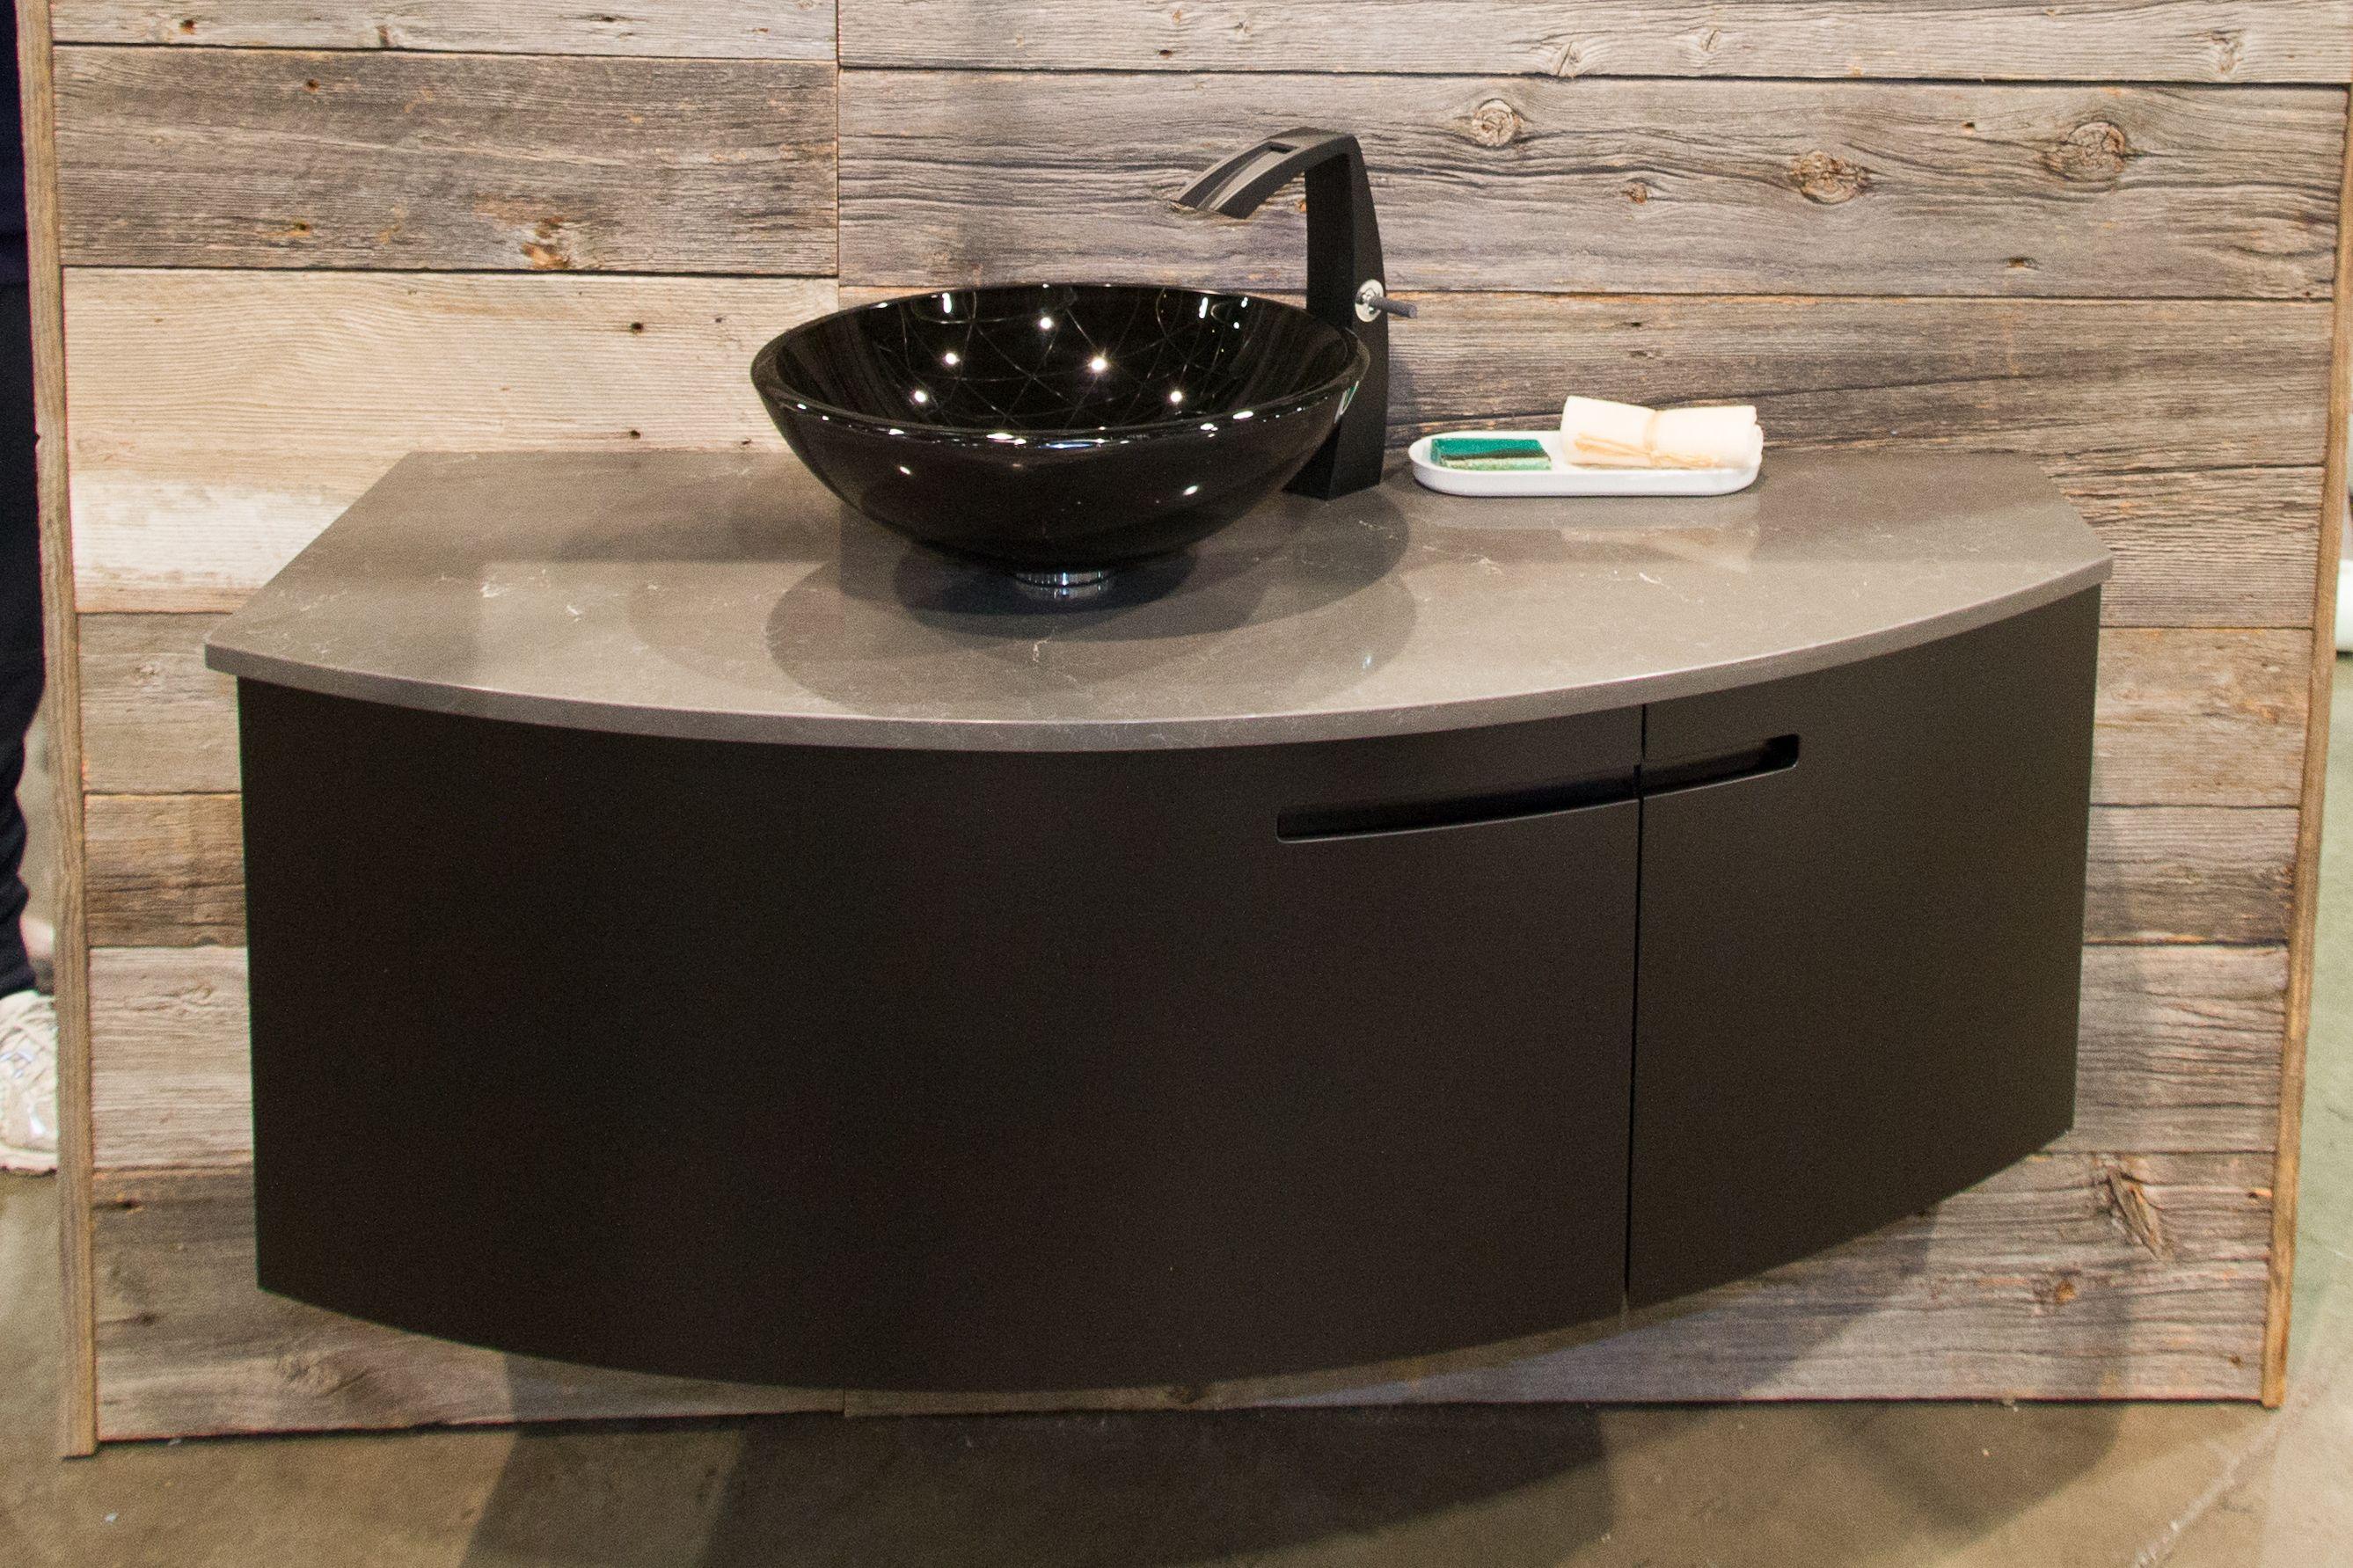 Bathroom Faucets Black Finish aquabrass etna faucet in black finish, black glass basin and